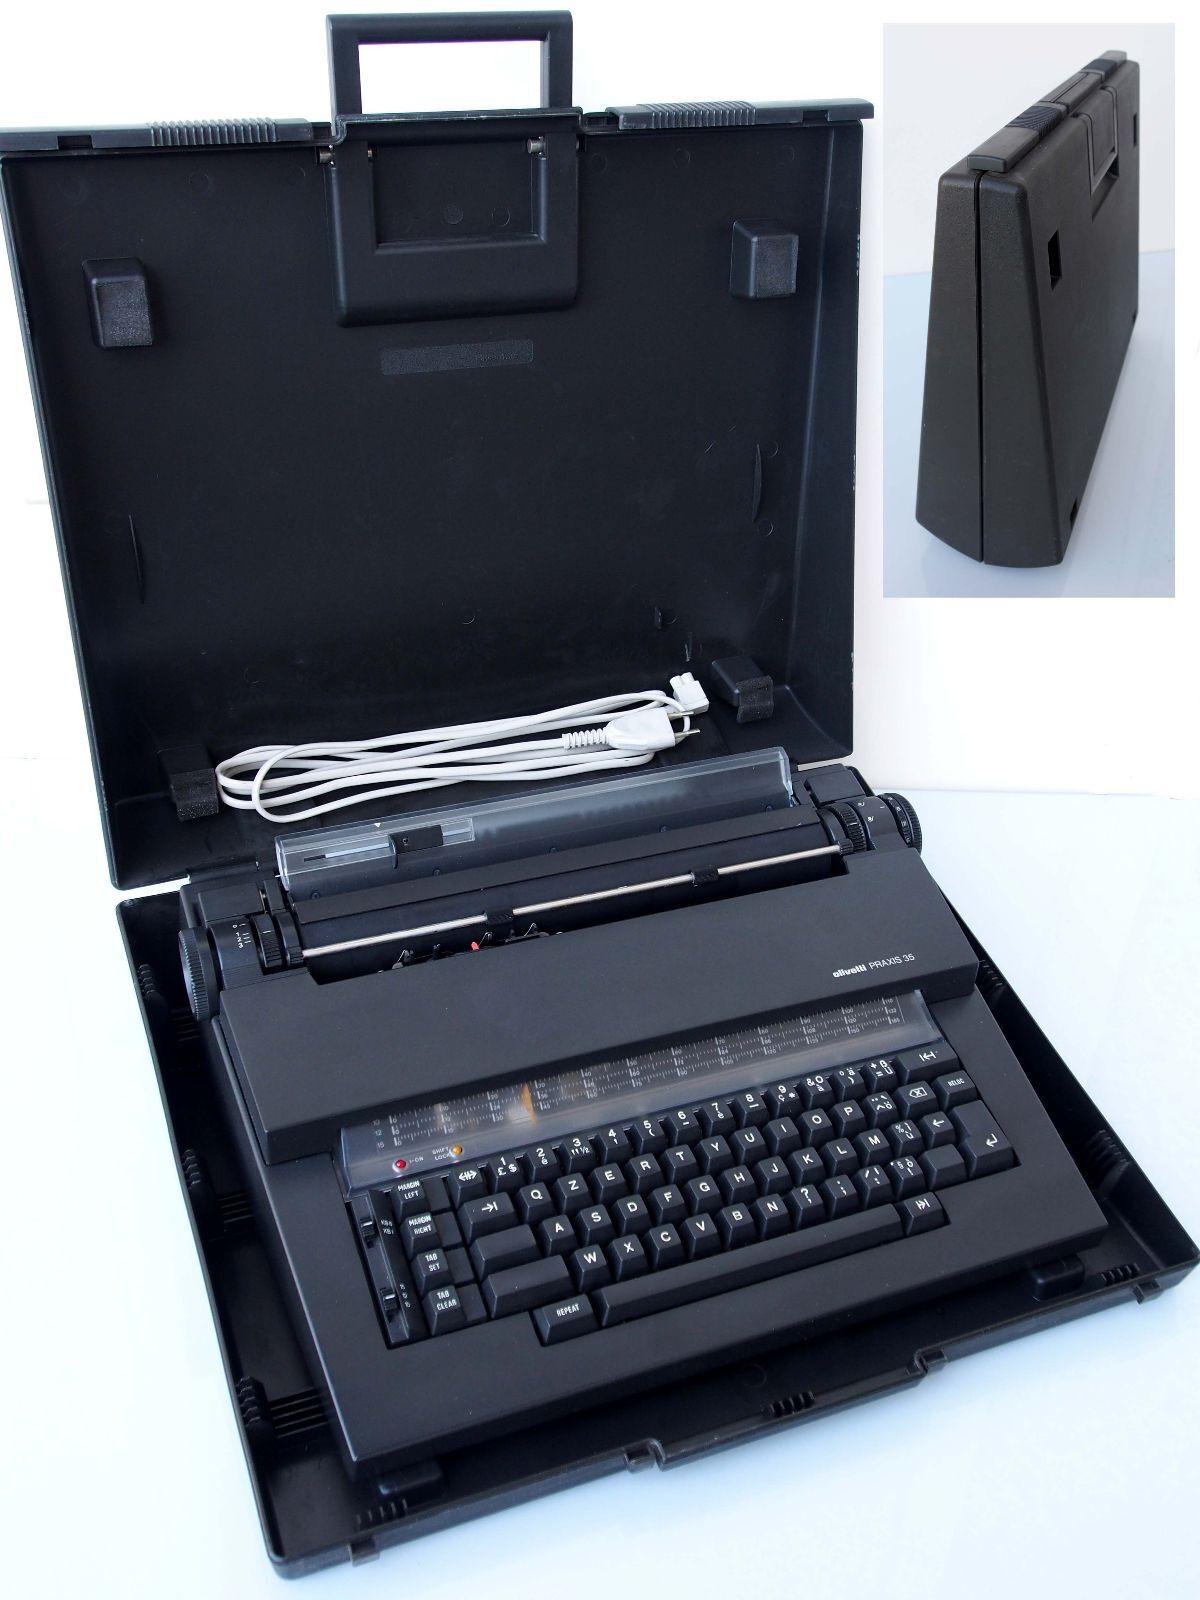 Macchina da scrivere portatile Olivetti Praxis 35 Mario Bellini Typewriter